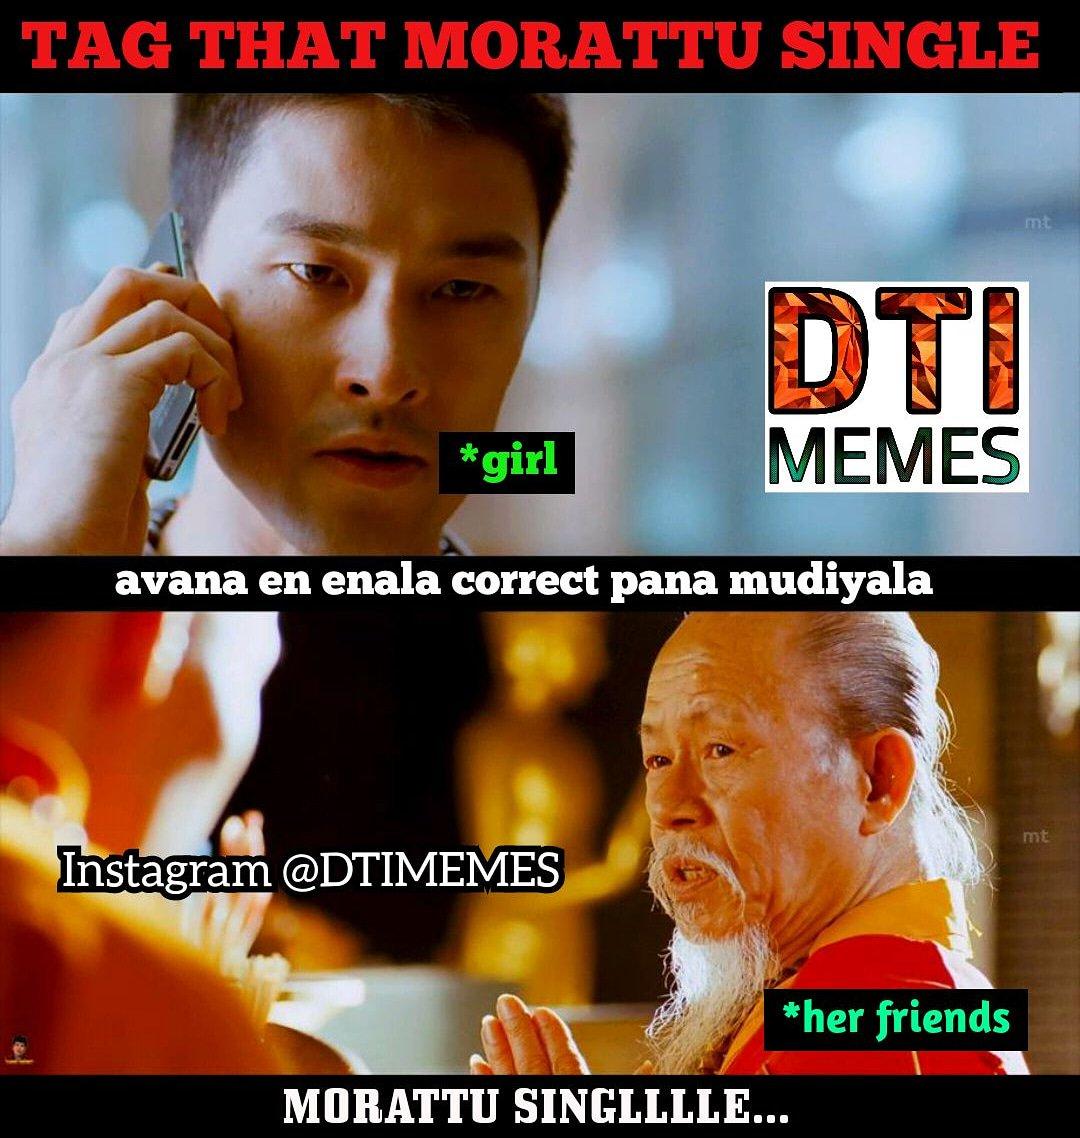 DTI MEMES's photo on #memesfornat